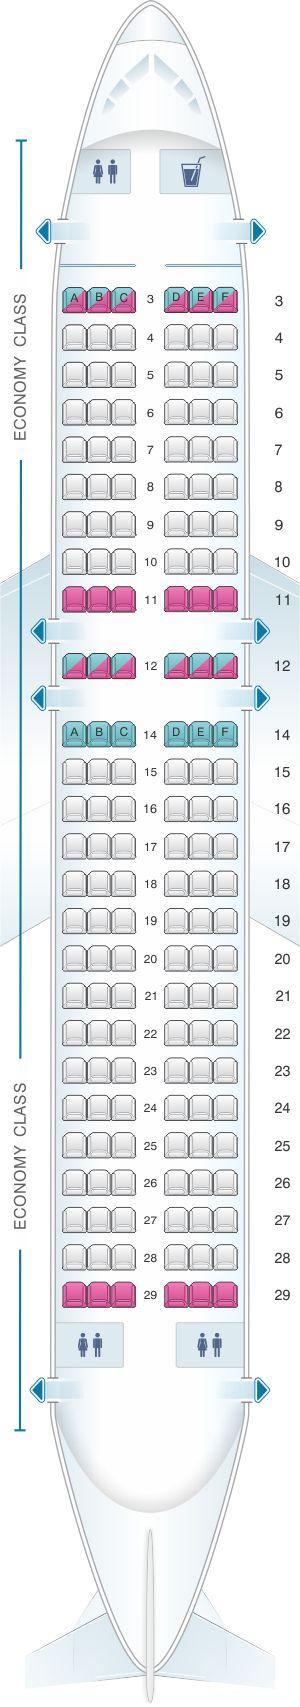 Seat Map Allegiant Air Airbus A319